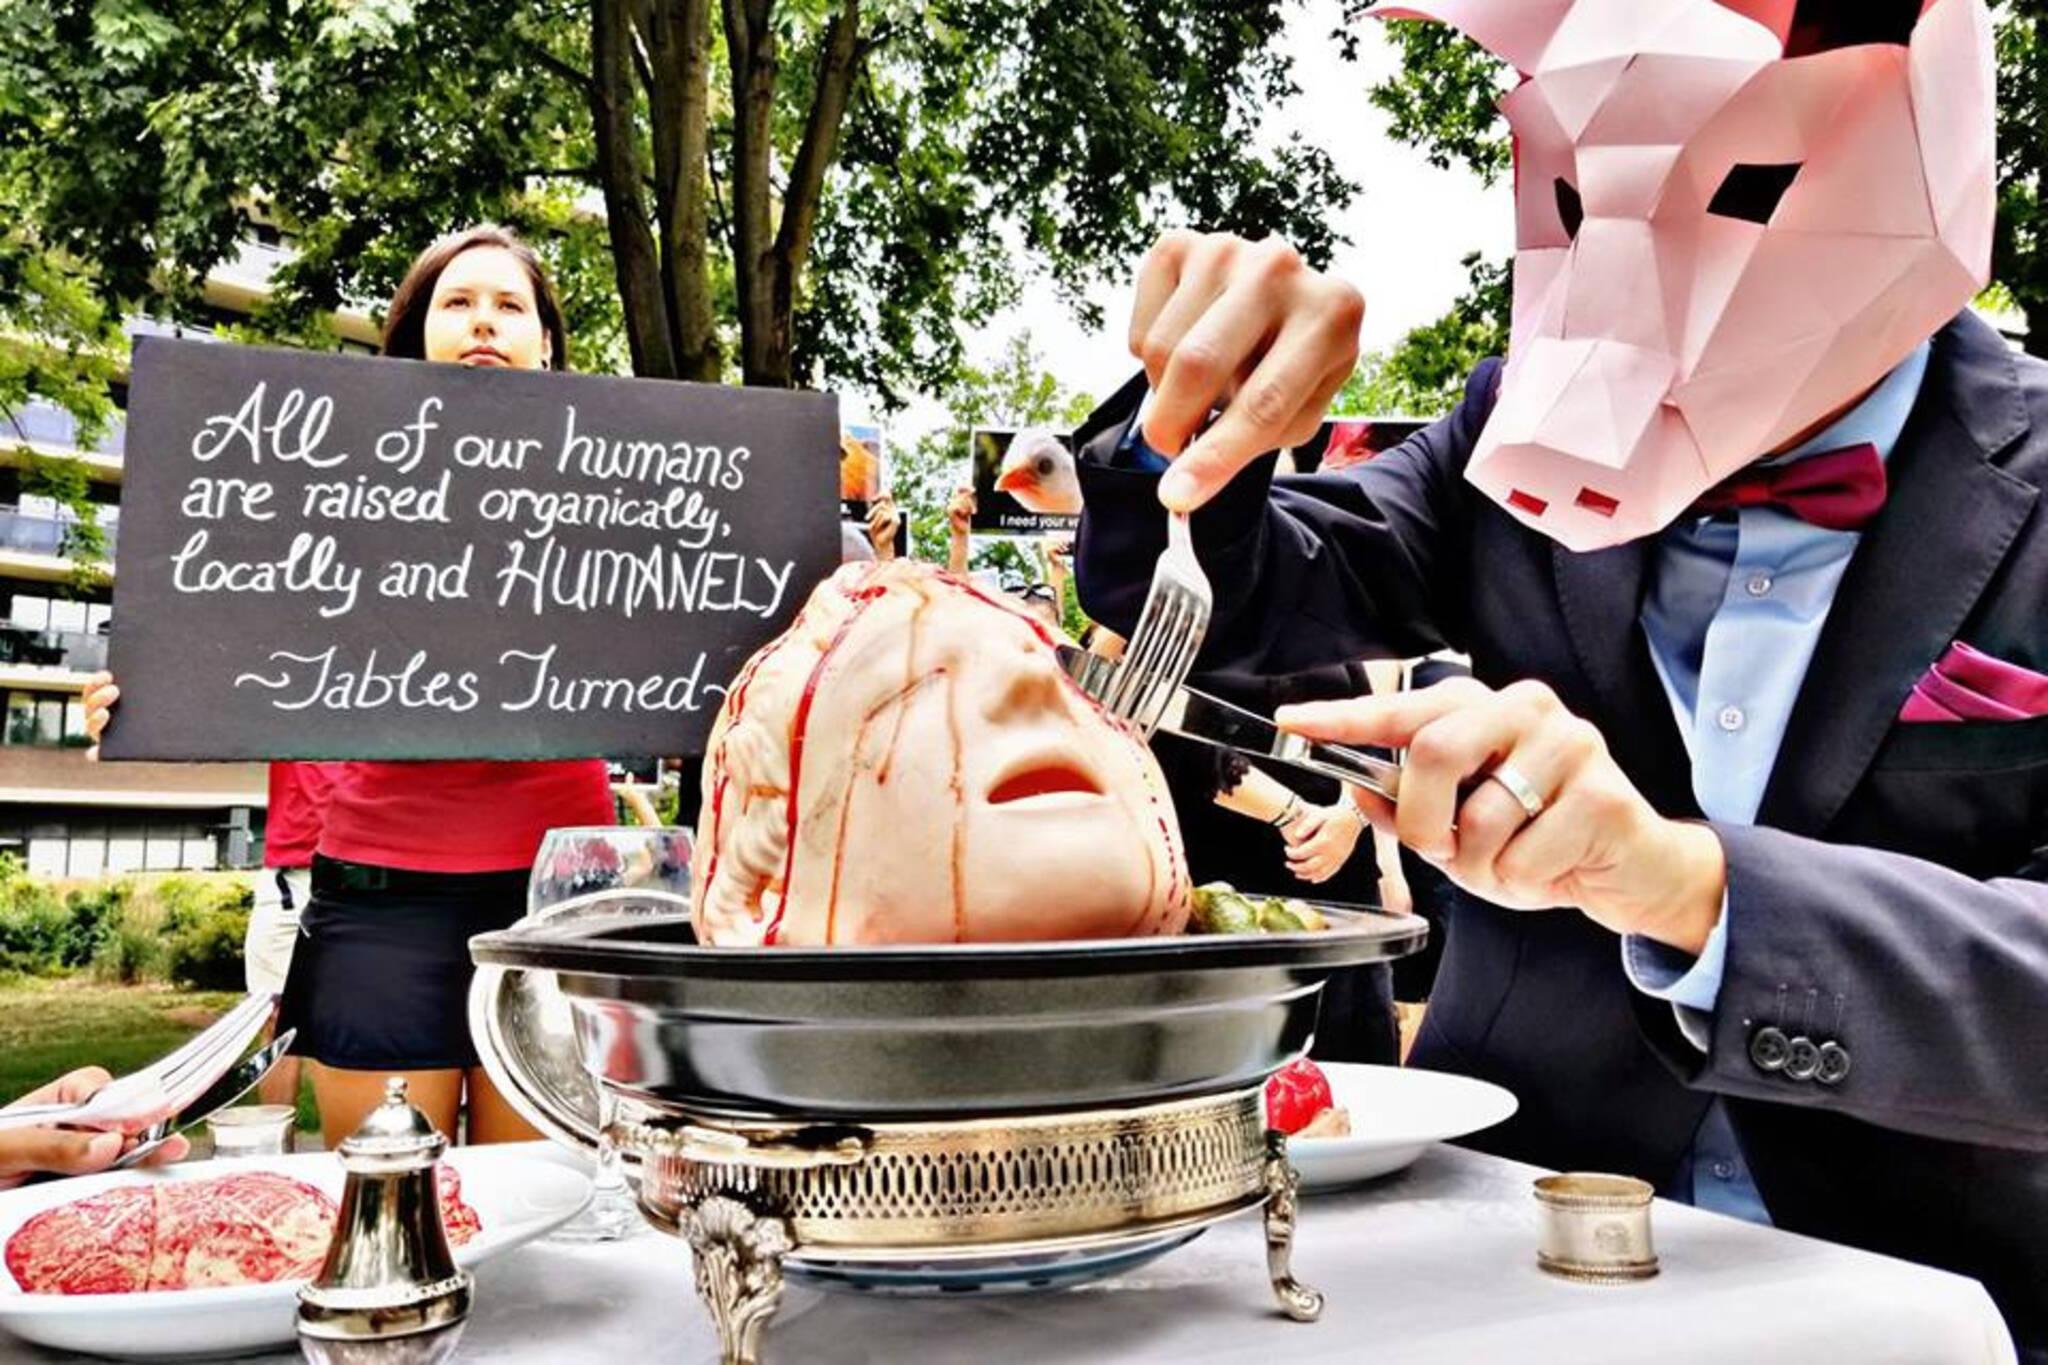 vegan pig protest